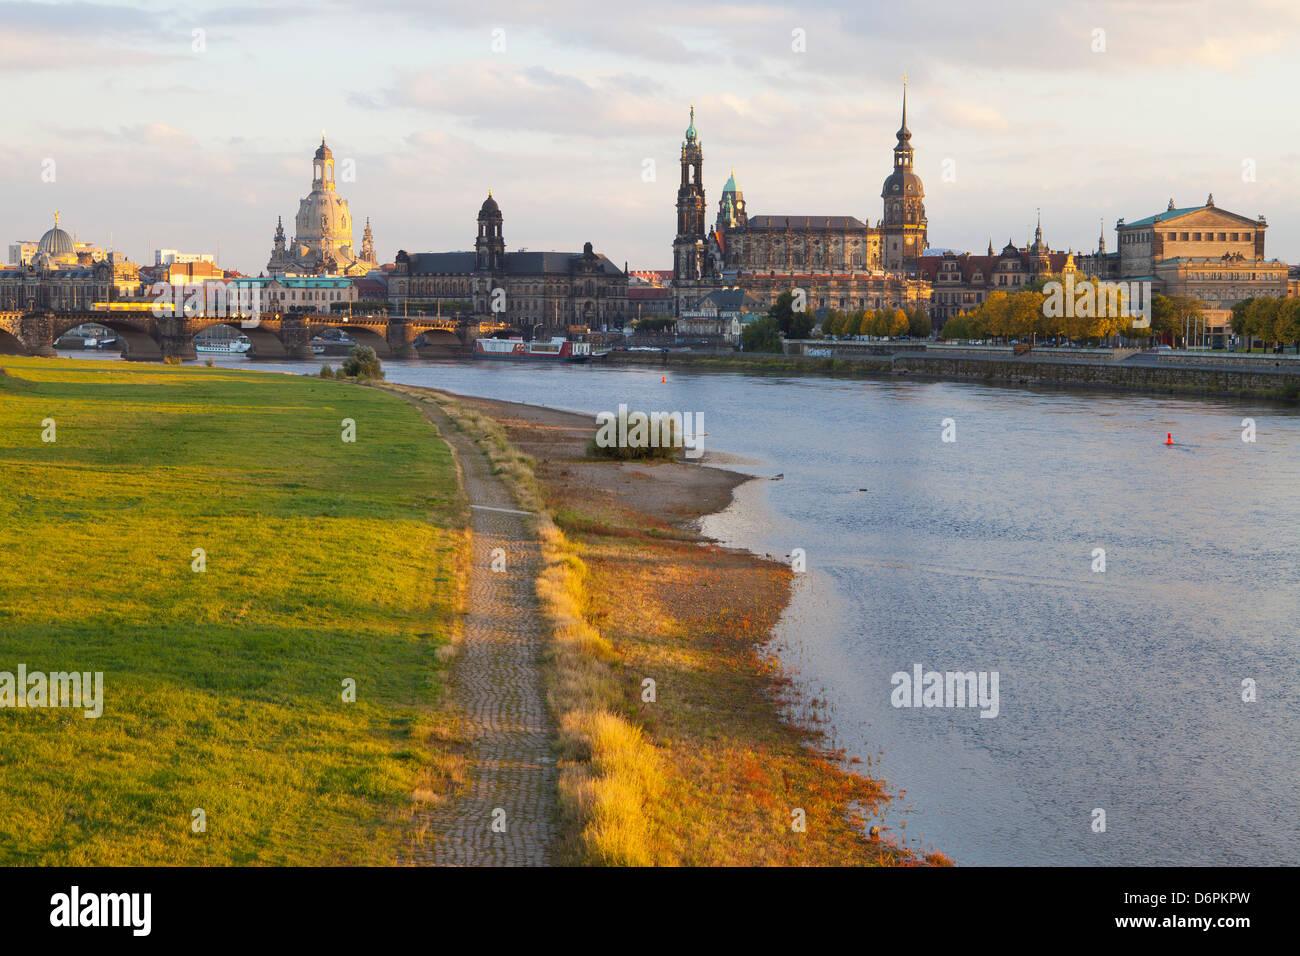 Historischen Zentrum von Dresden und die Elbe bei Sonnenuntergang, Sachsen, Deutschland, Europa Stockbild